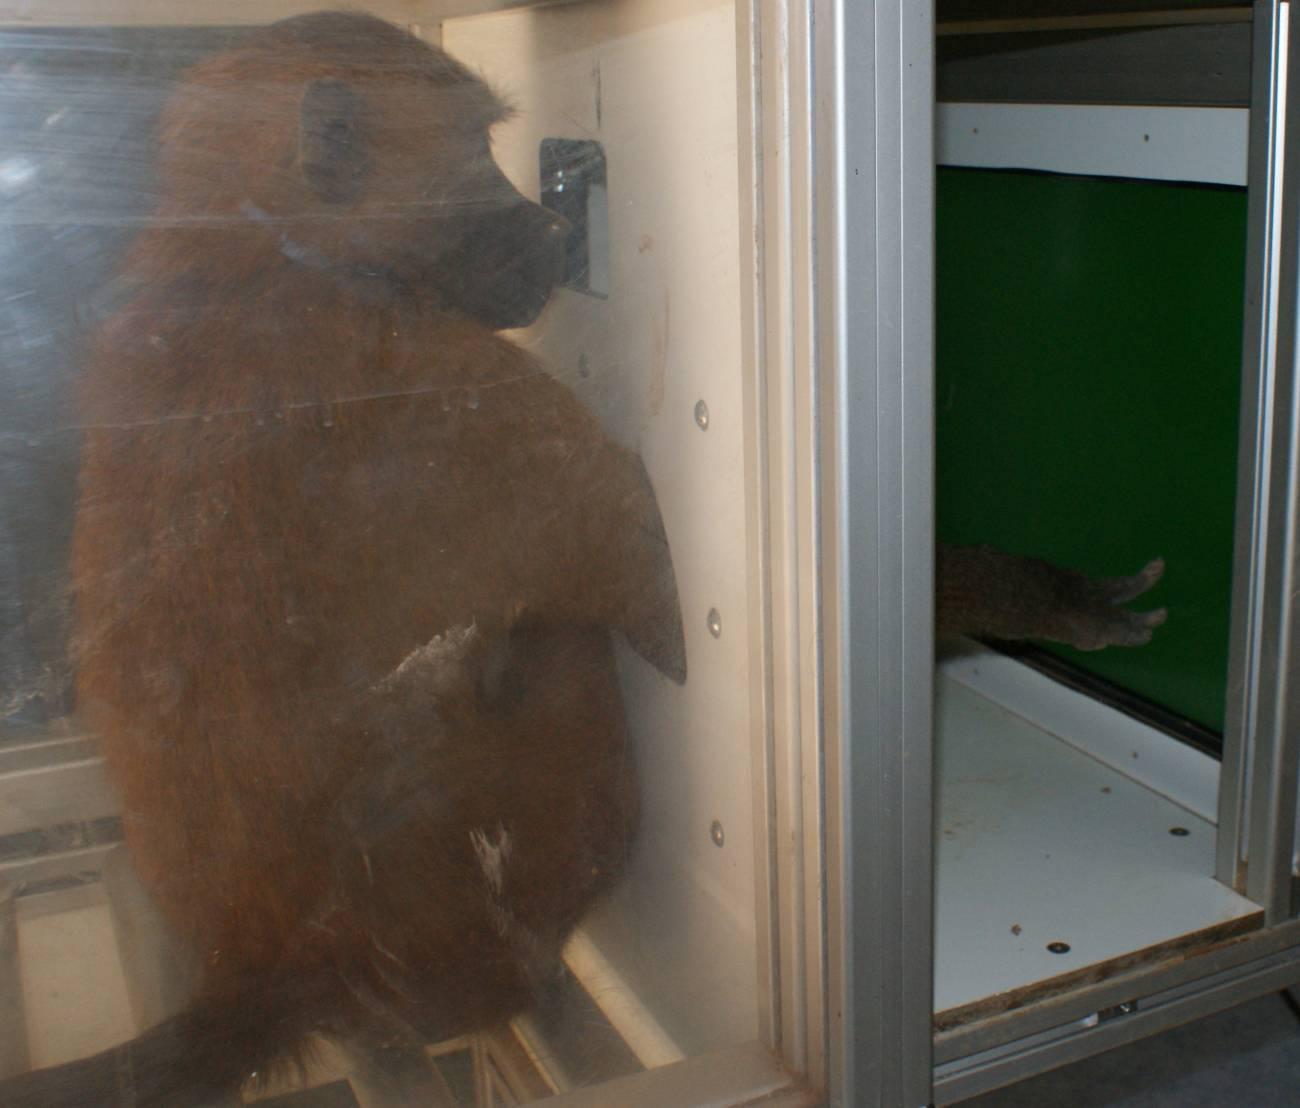 Los babuinos reconocen palabras escritas